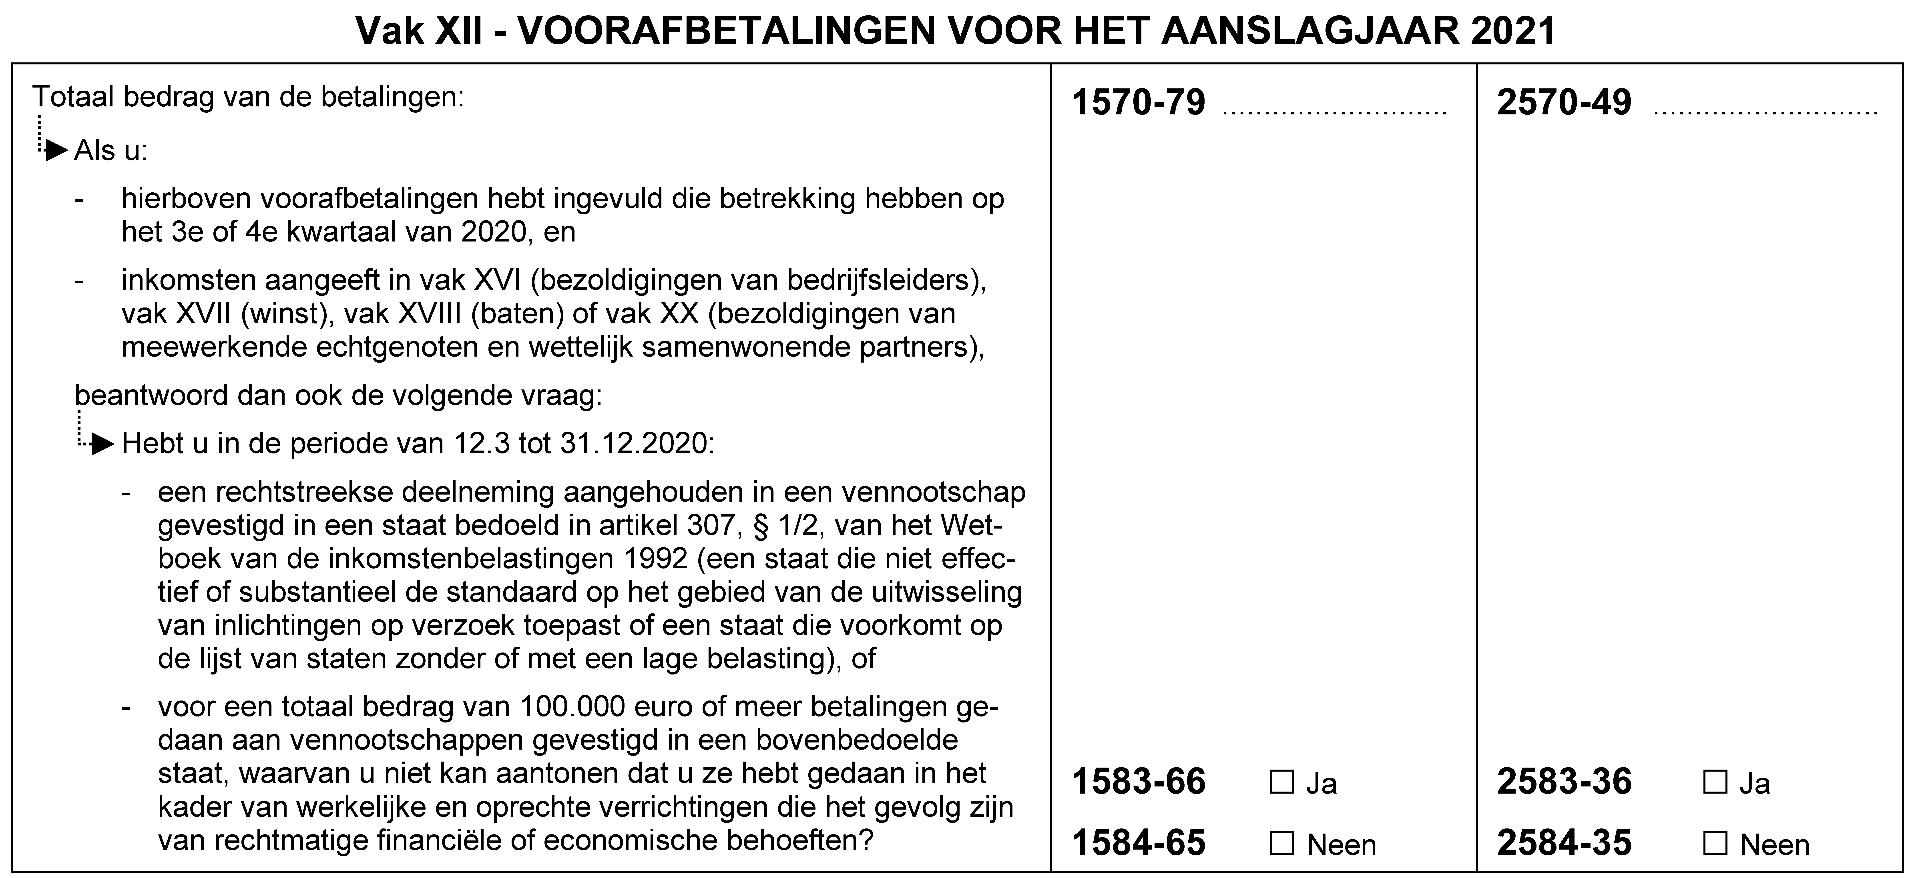 voorafbetalingen aanslagjaar 2021